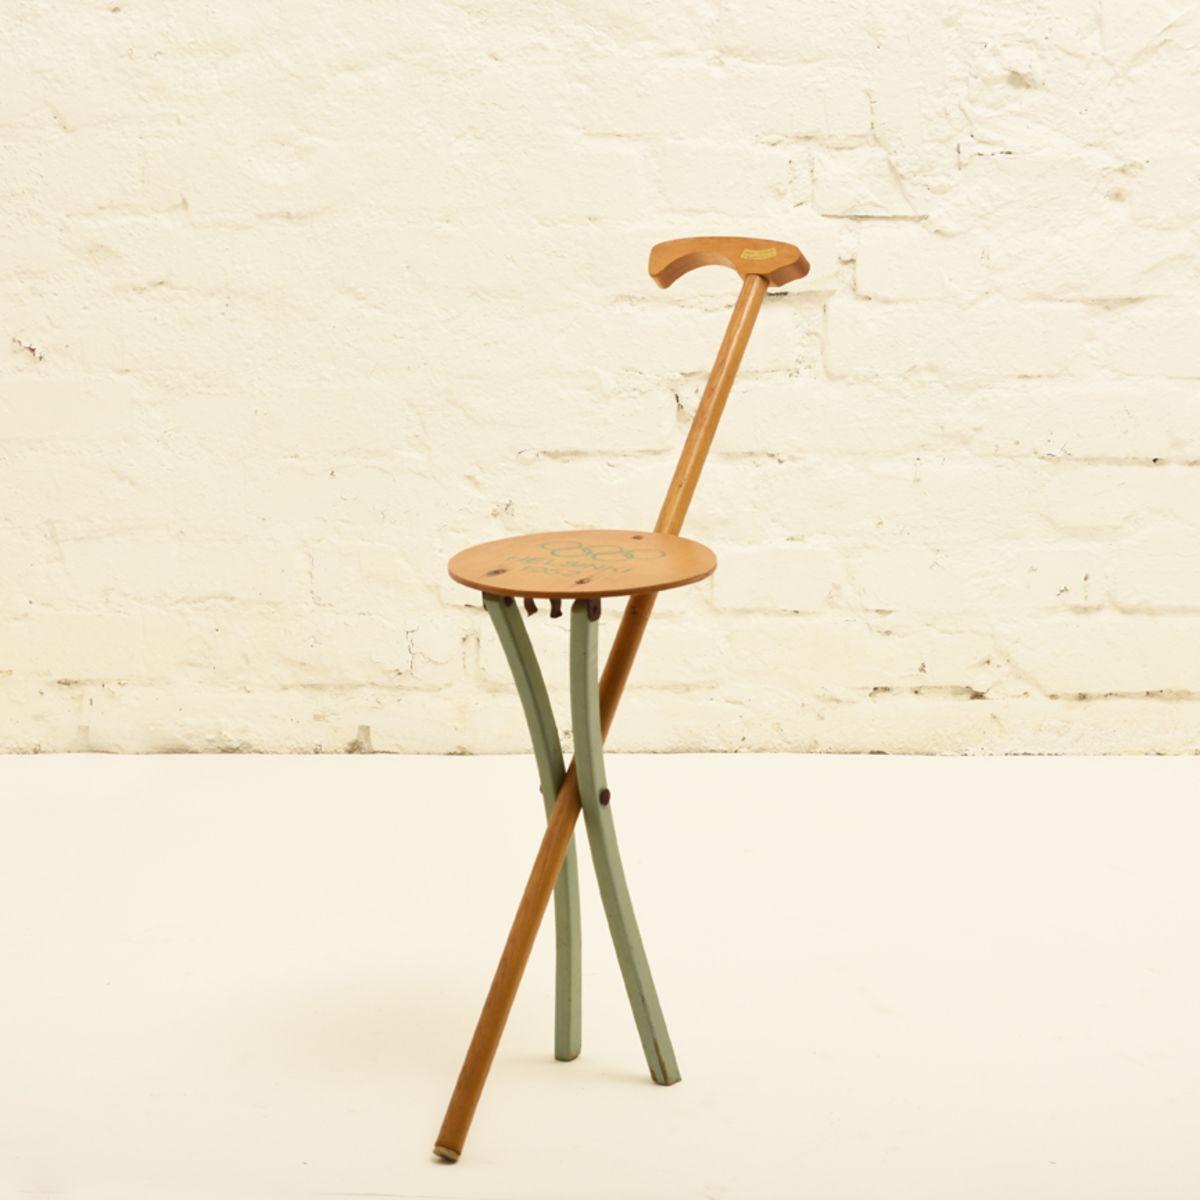 Enso-Gutzait_olympia-portable-seat